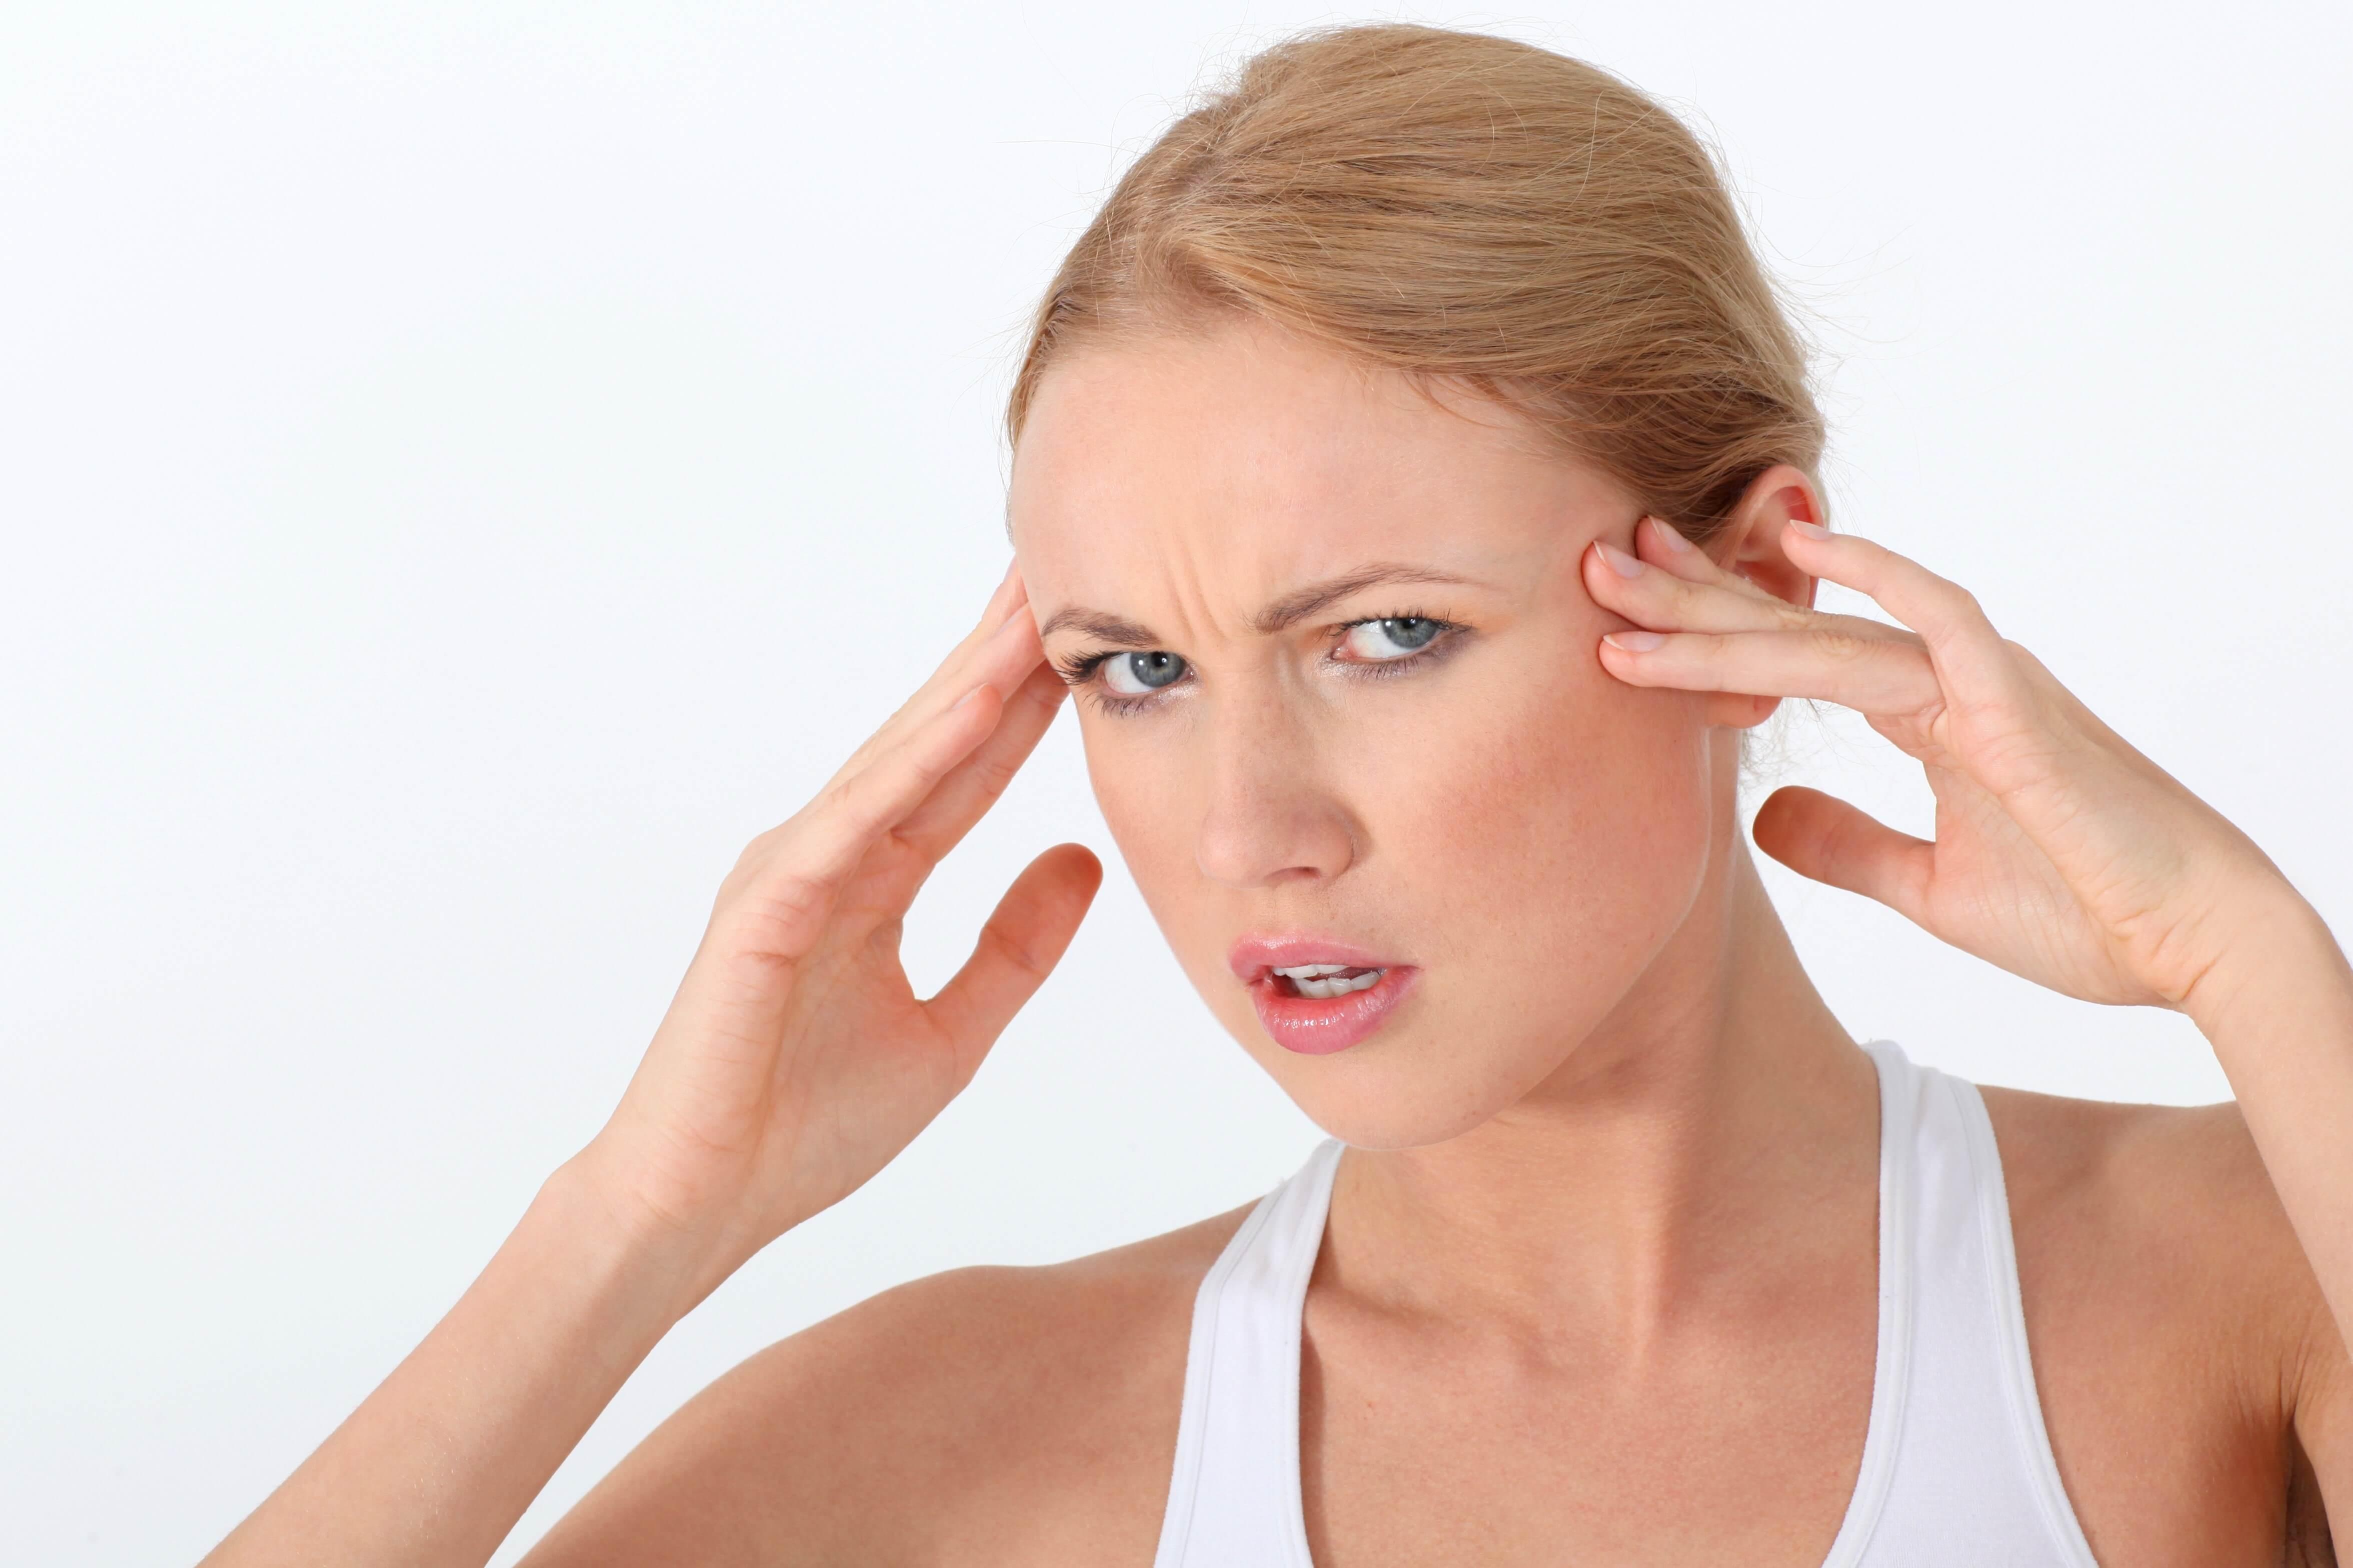 MiRx Migraine Treatment